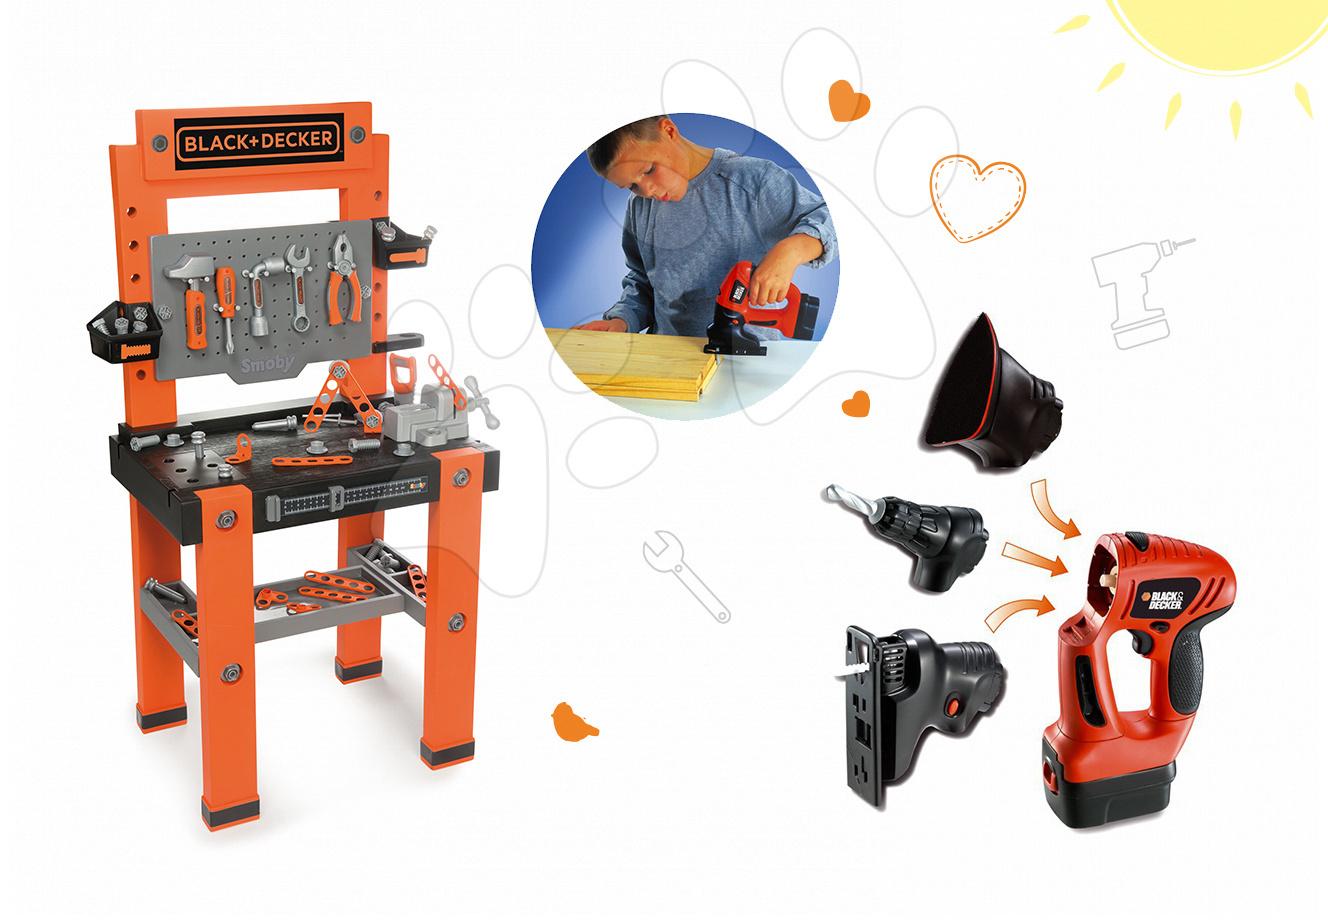 Smoby pracovní dílna pro děti Black+Decker a elektronický set Quatro 360700-2